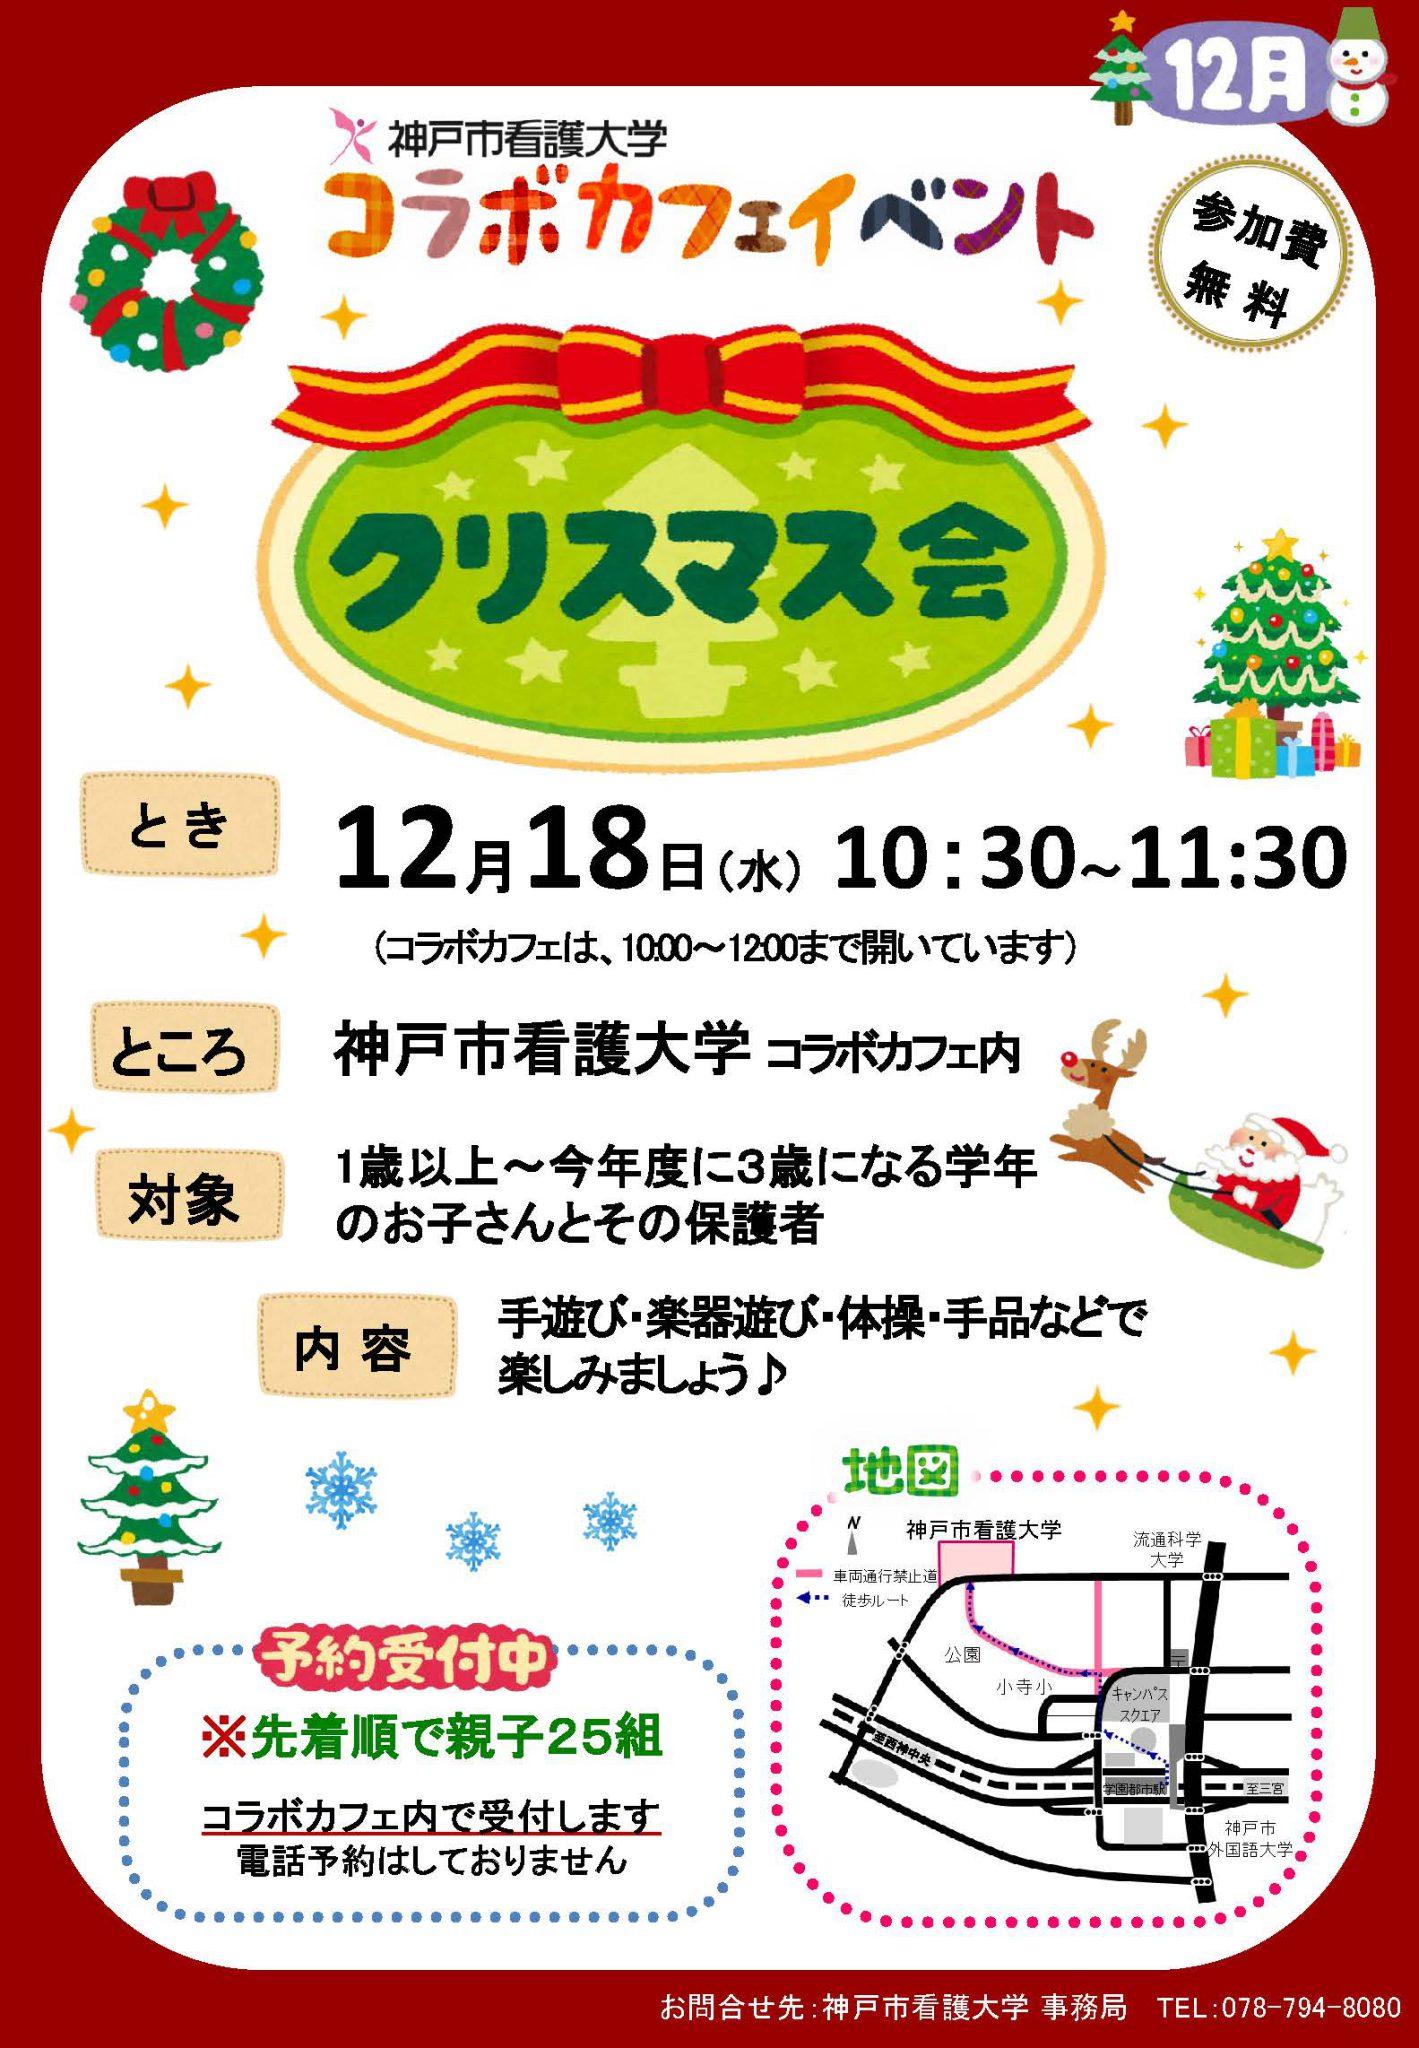 【コラボカフェ】「クリスマス会」を開催します